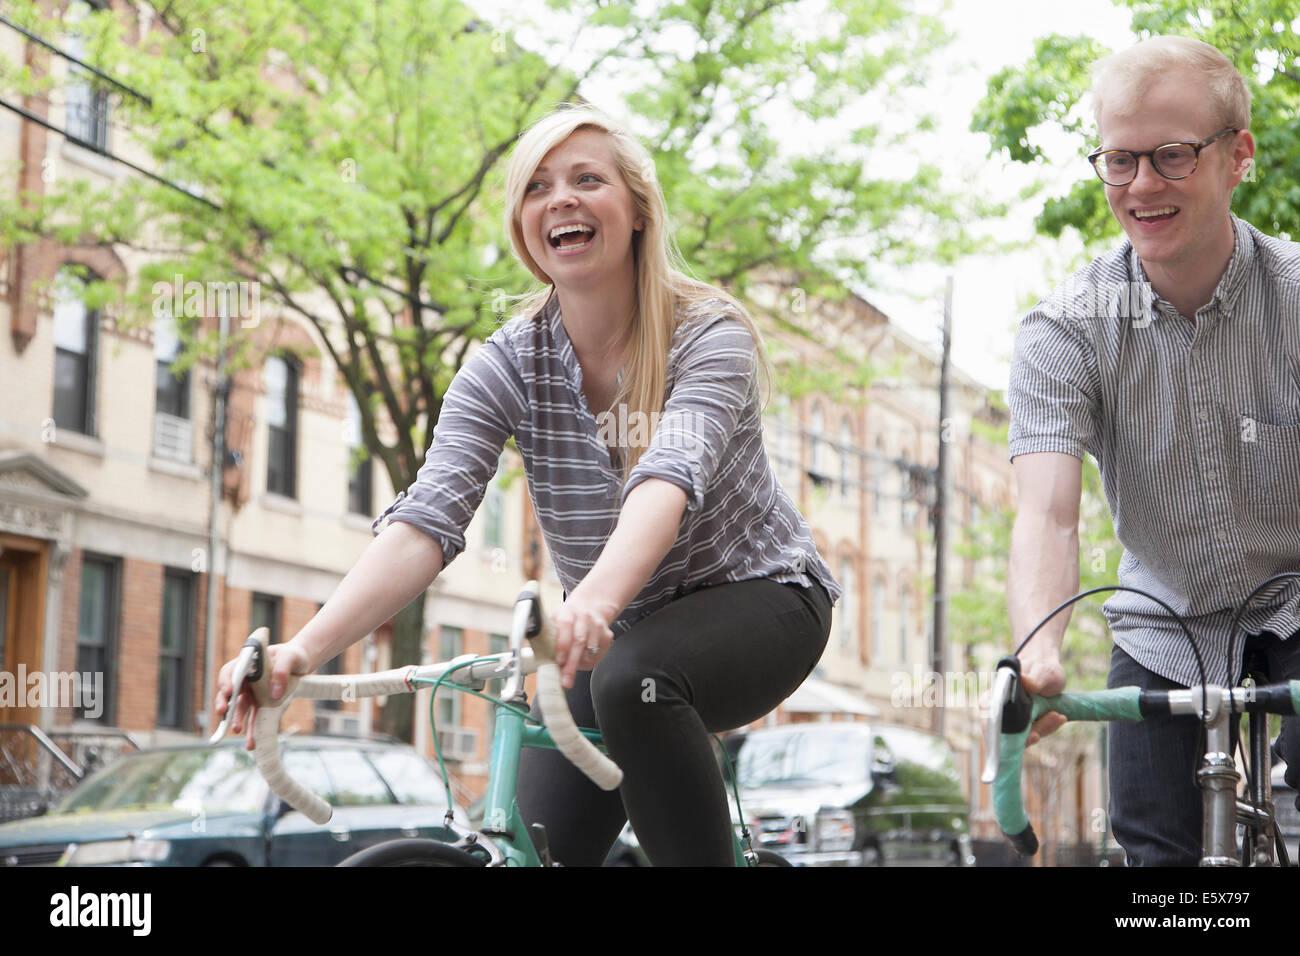 Junges Paar lachen während Straße Radfahren Stockbild